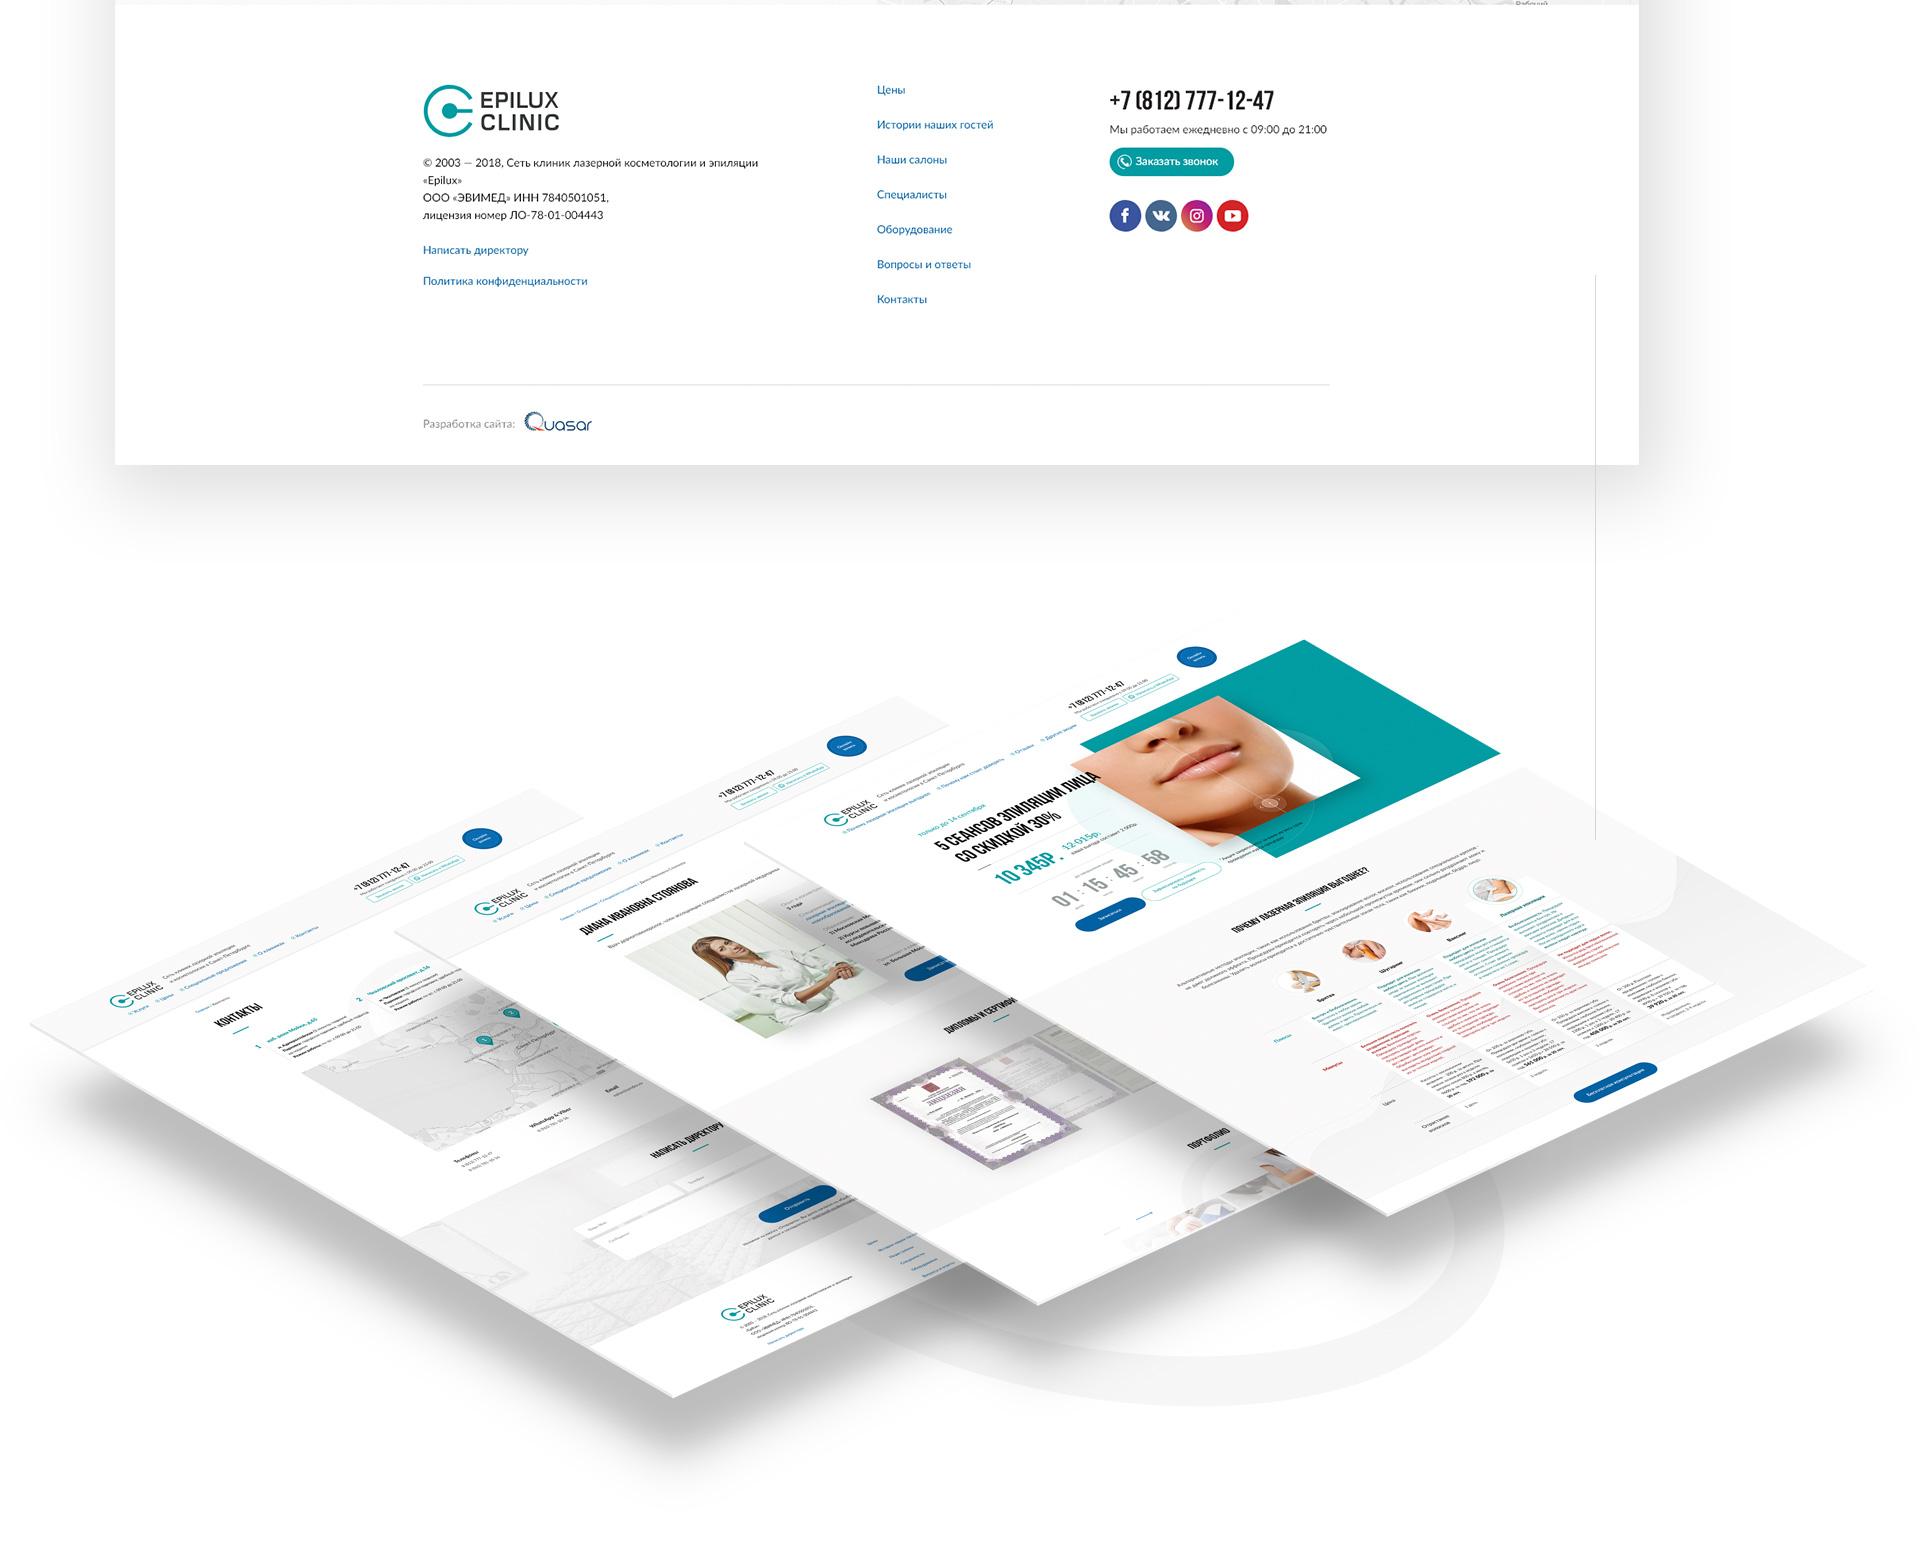 Дизайн сайта Epilux